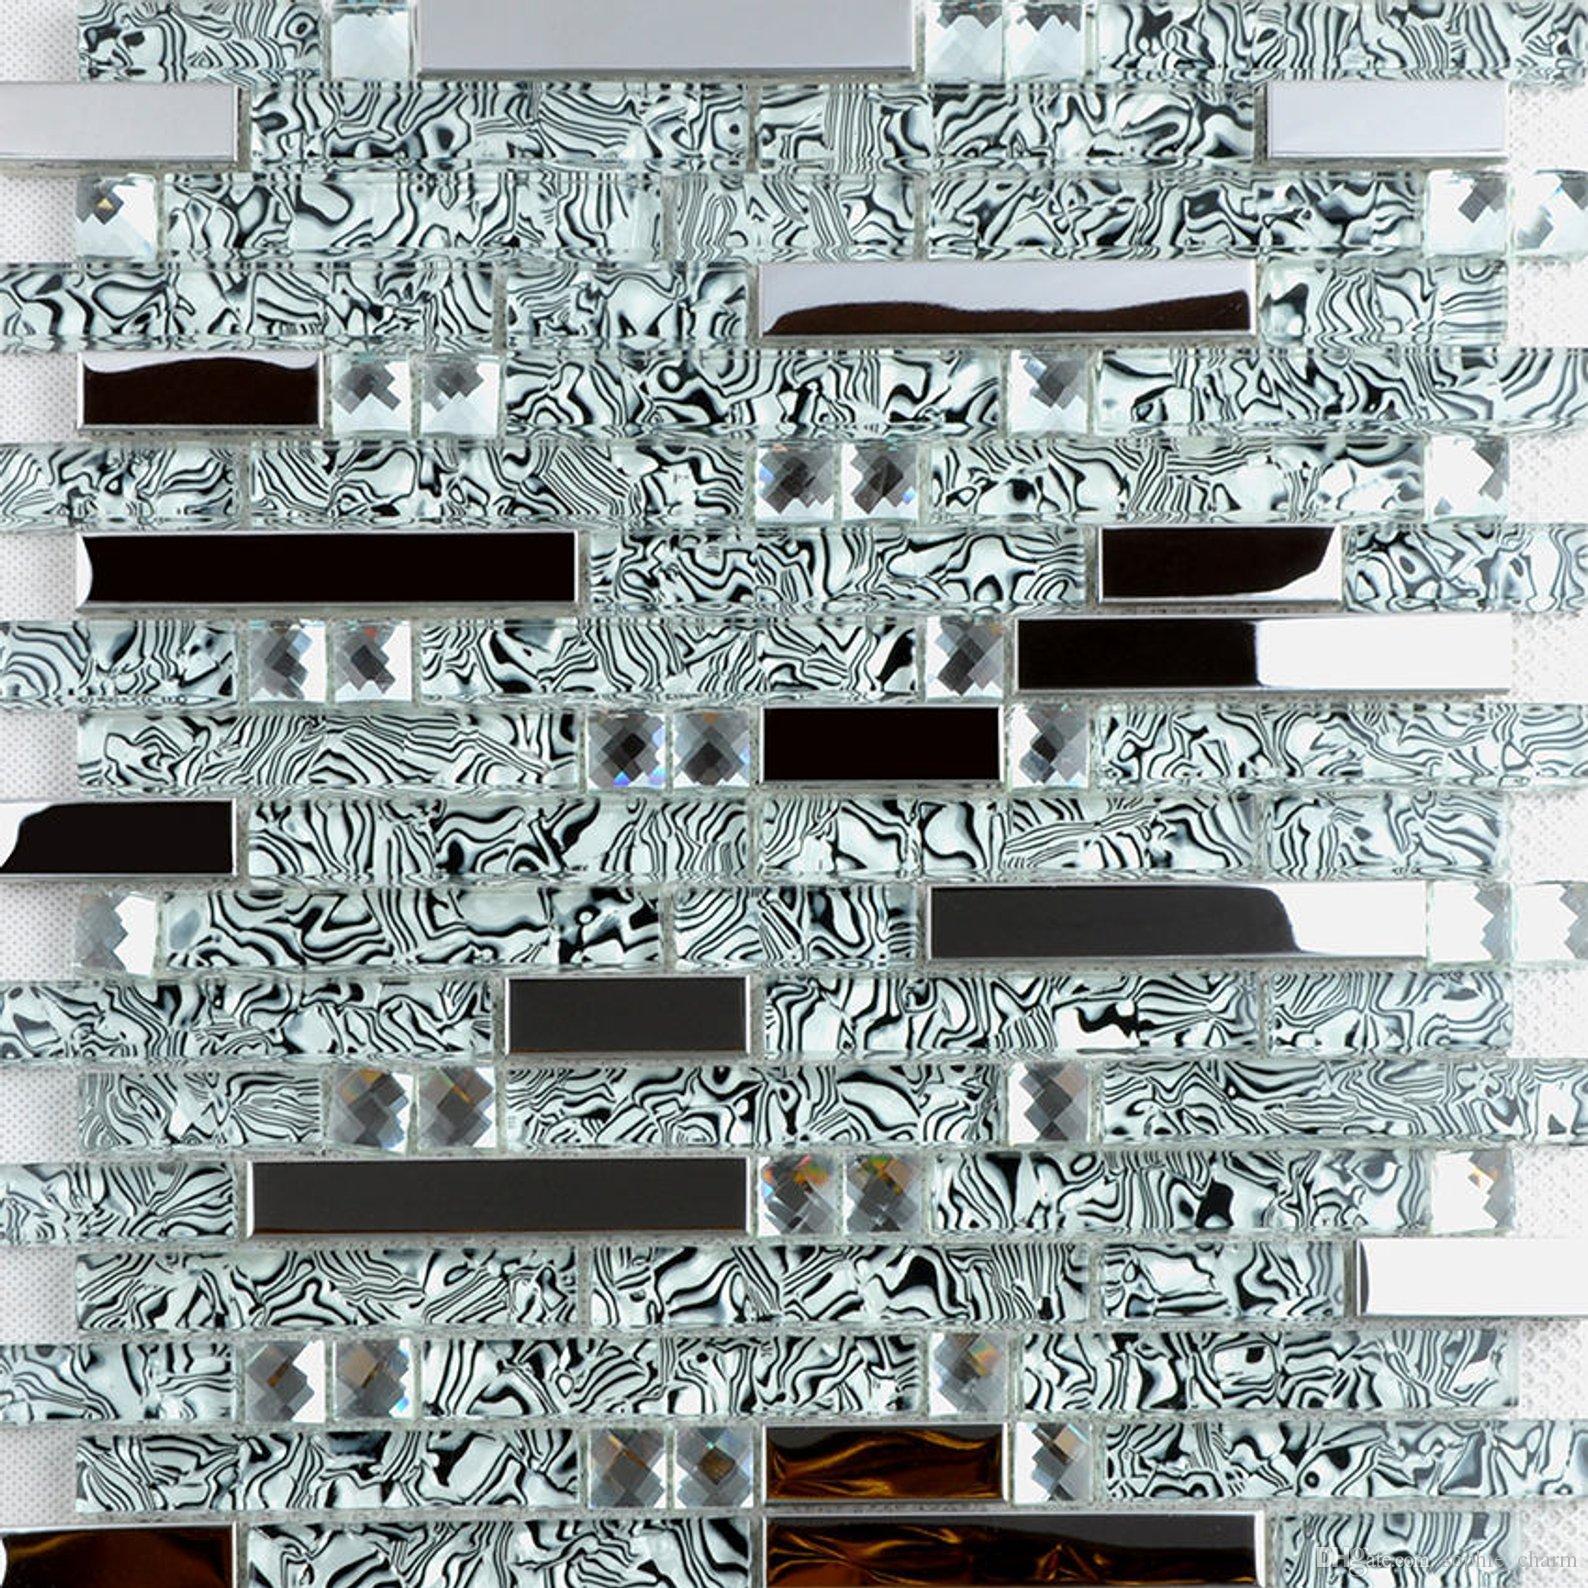 acheter carrelage cuisine en metal argente mosaique en verre noir blanc tuile argent verre dosseret acier inoxydable ssmt397 verre salle de bains